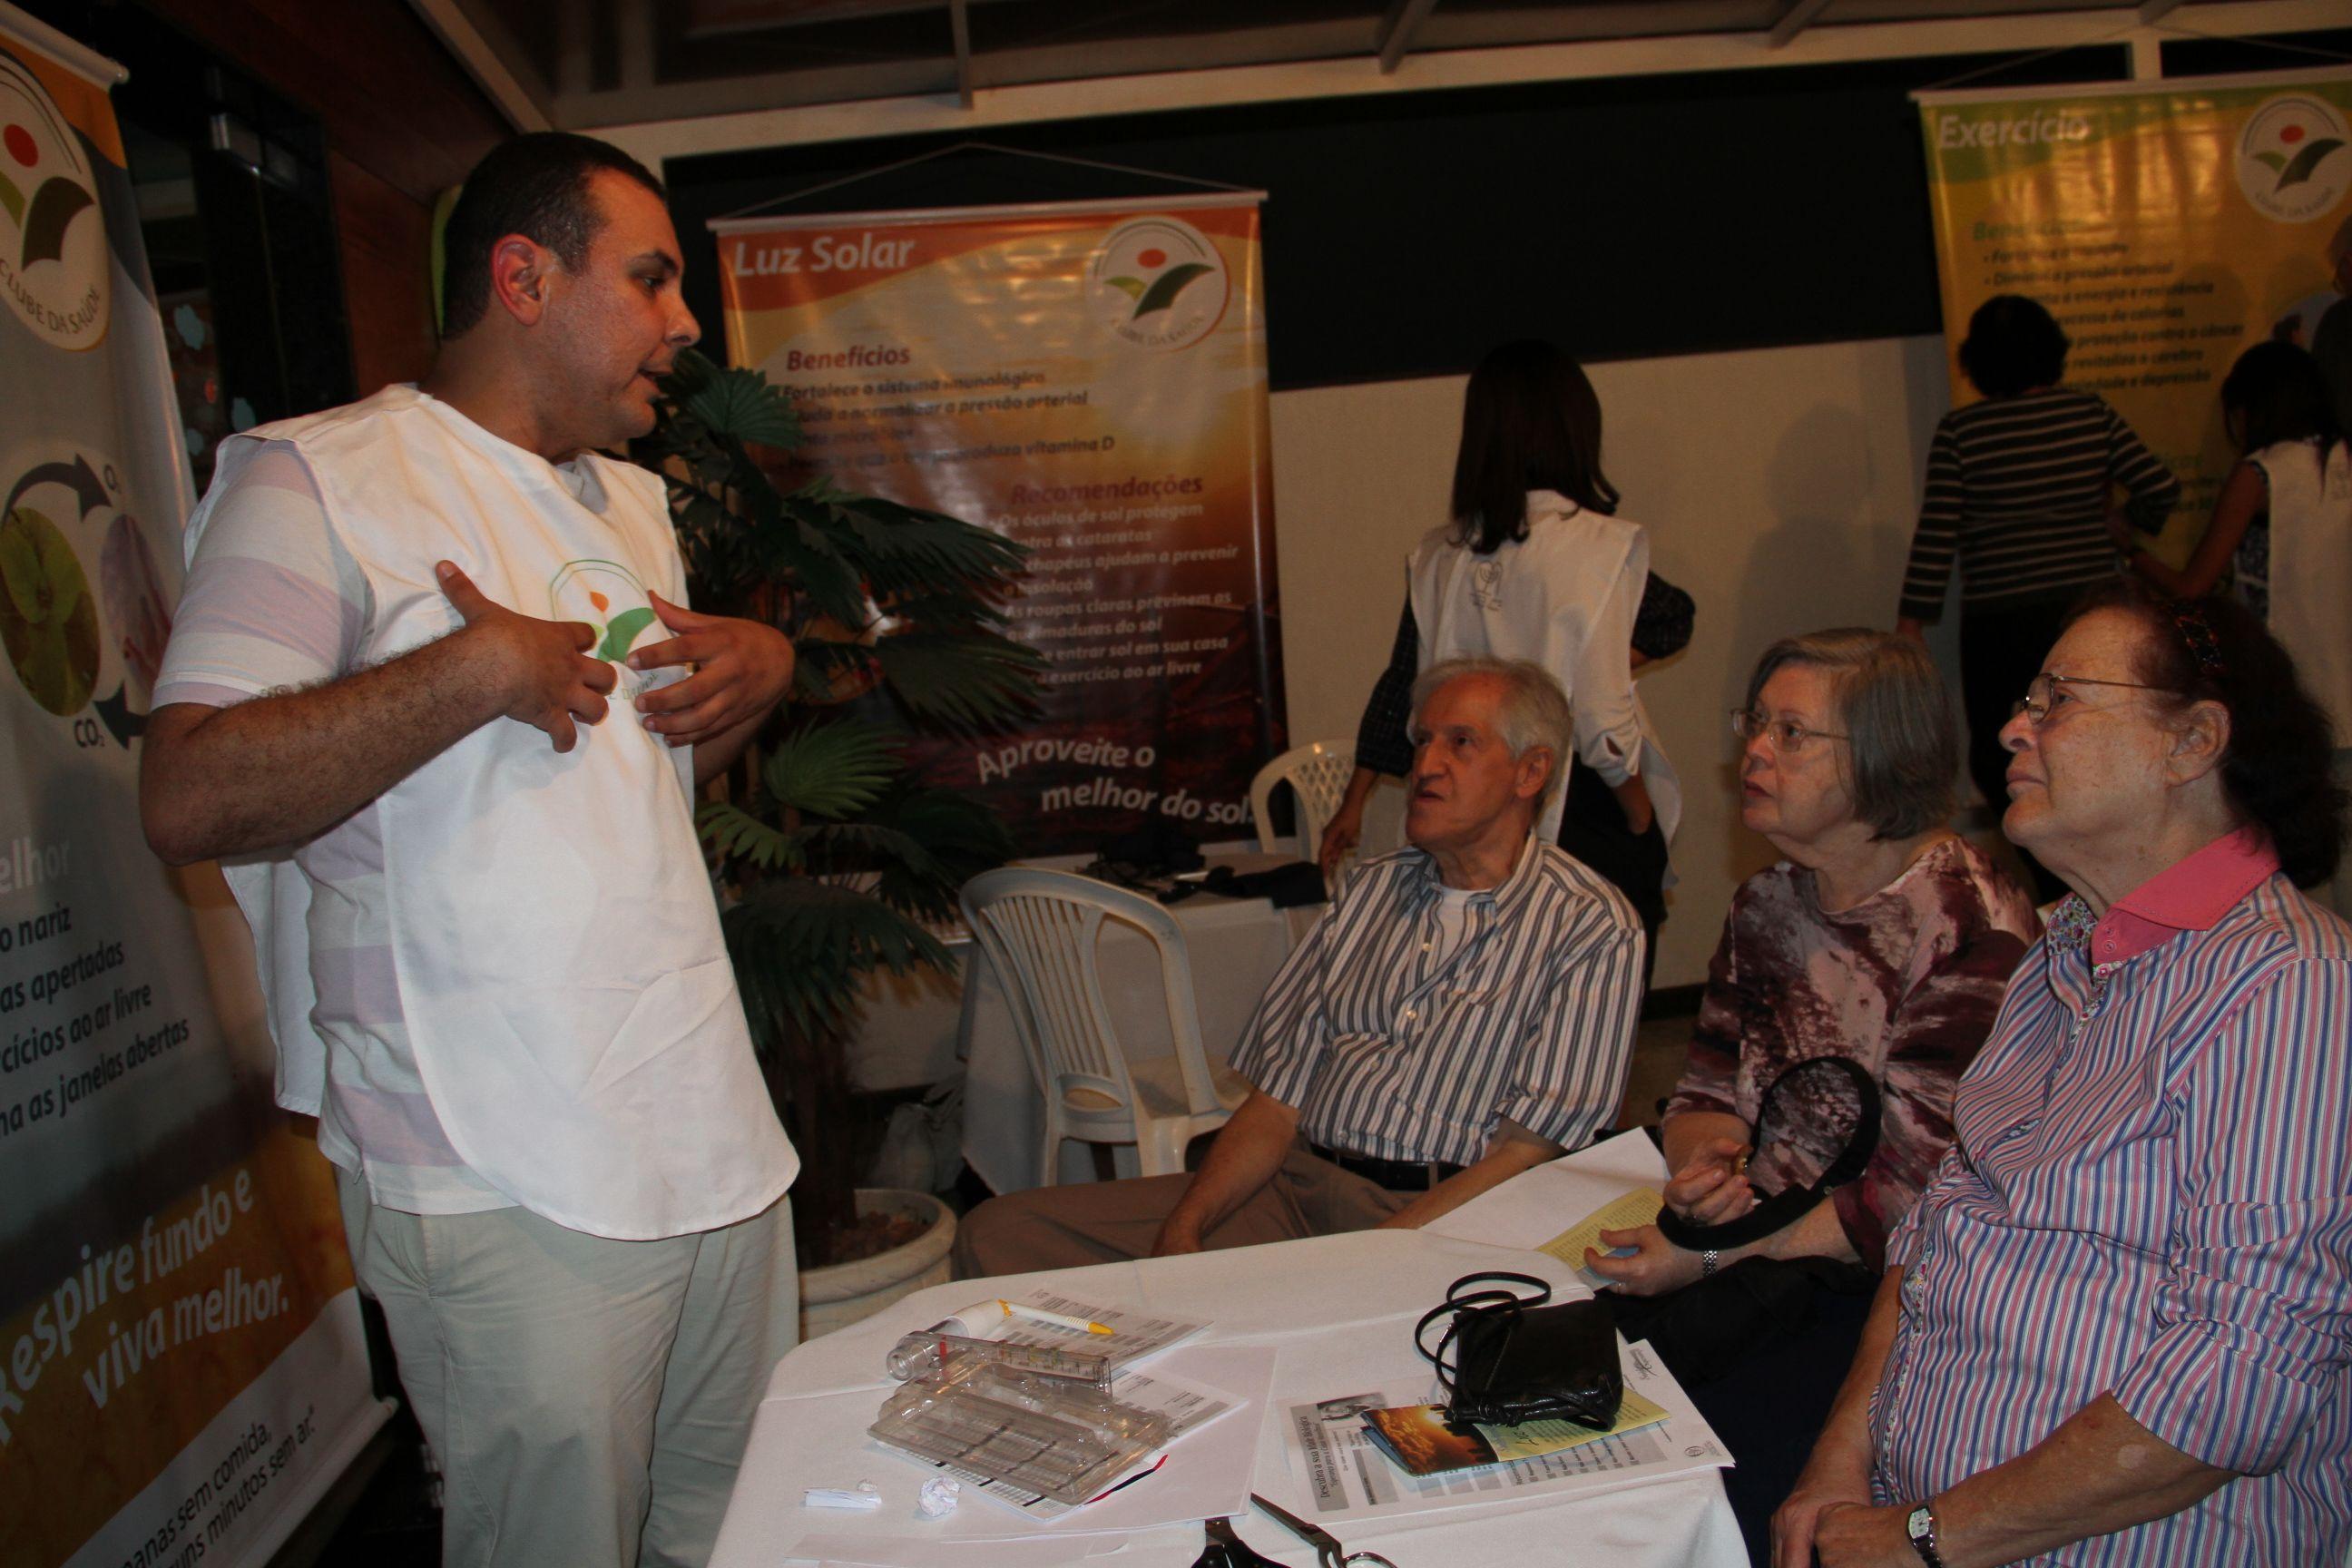 Adventistas são conhecidas pela longevidade em virtude dos bons hábitos de saúde